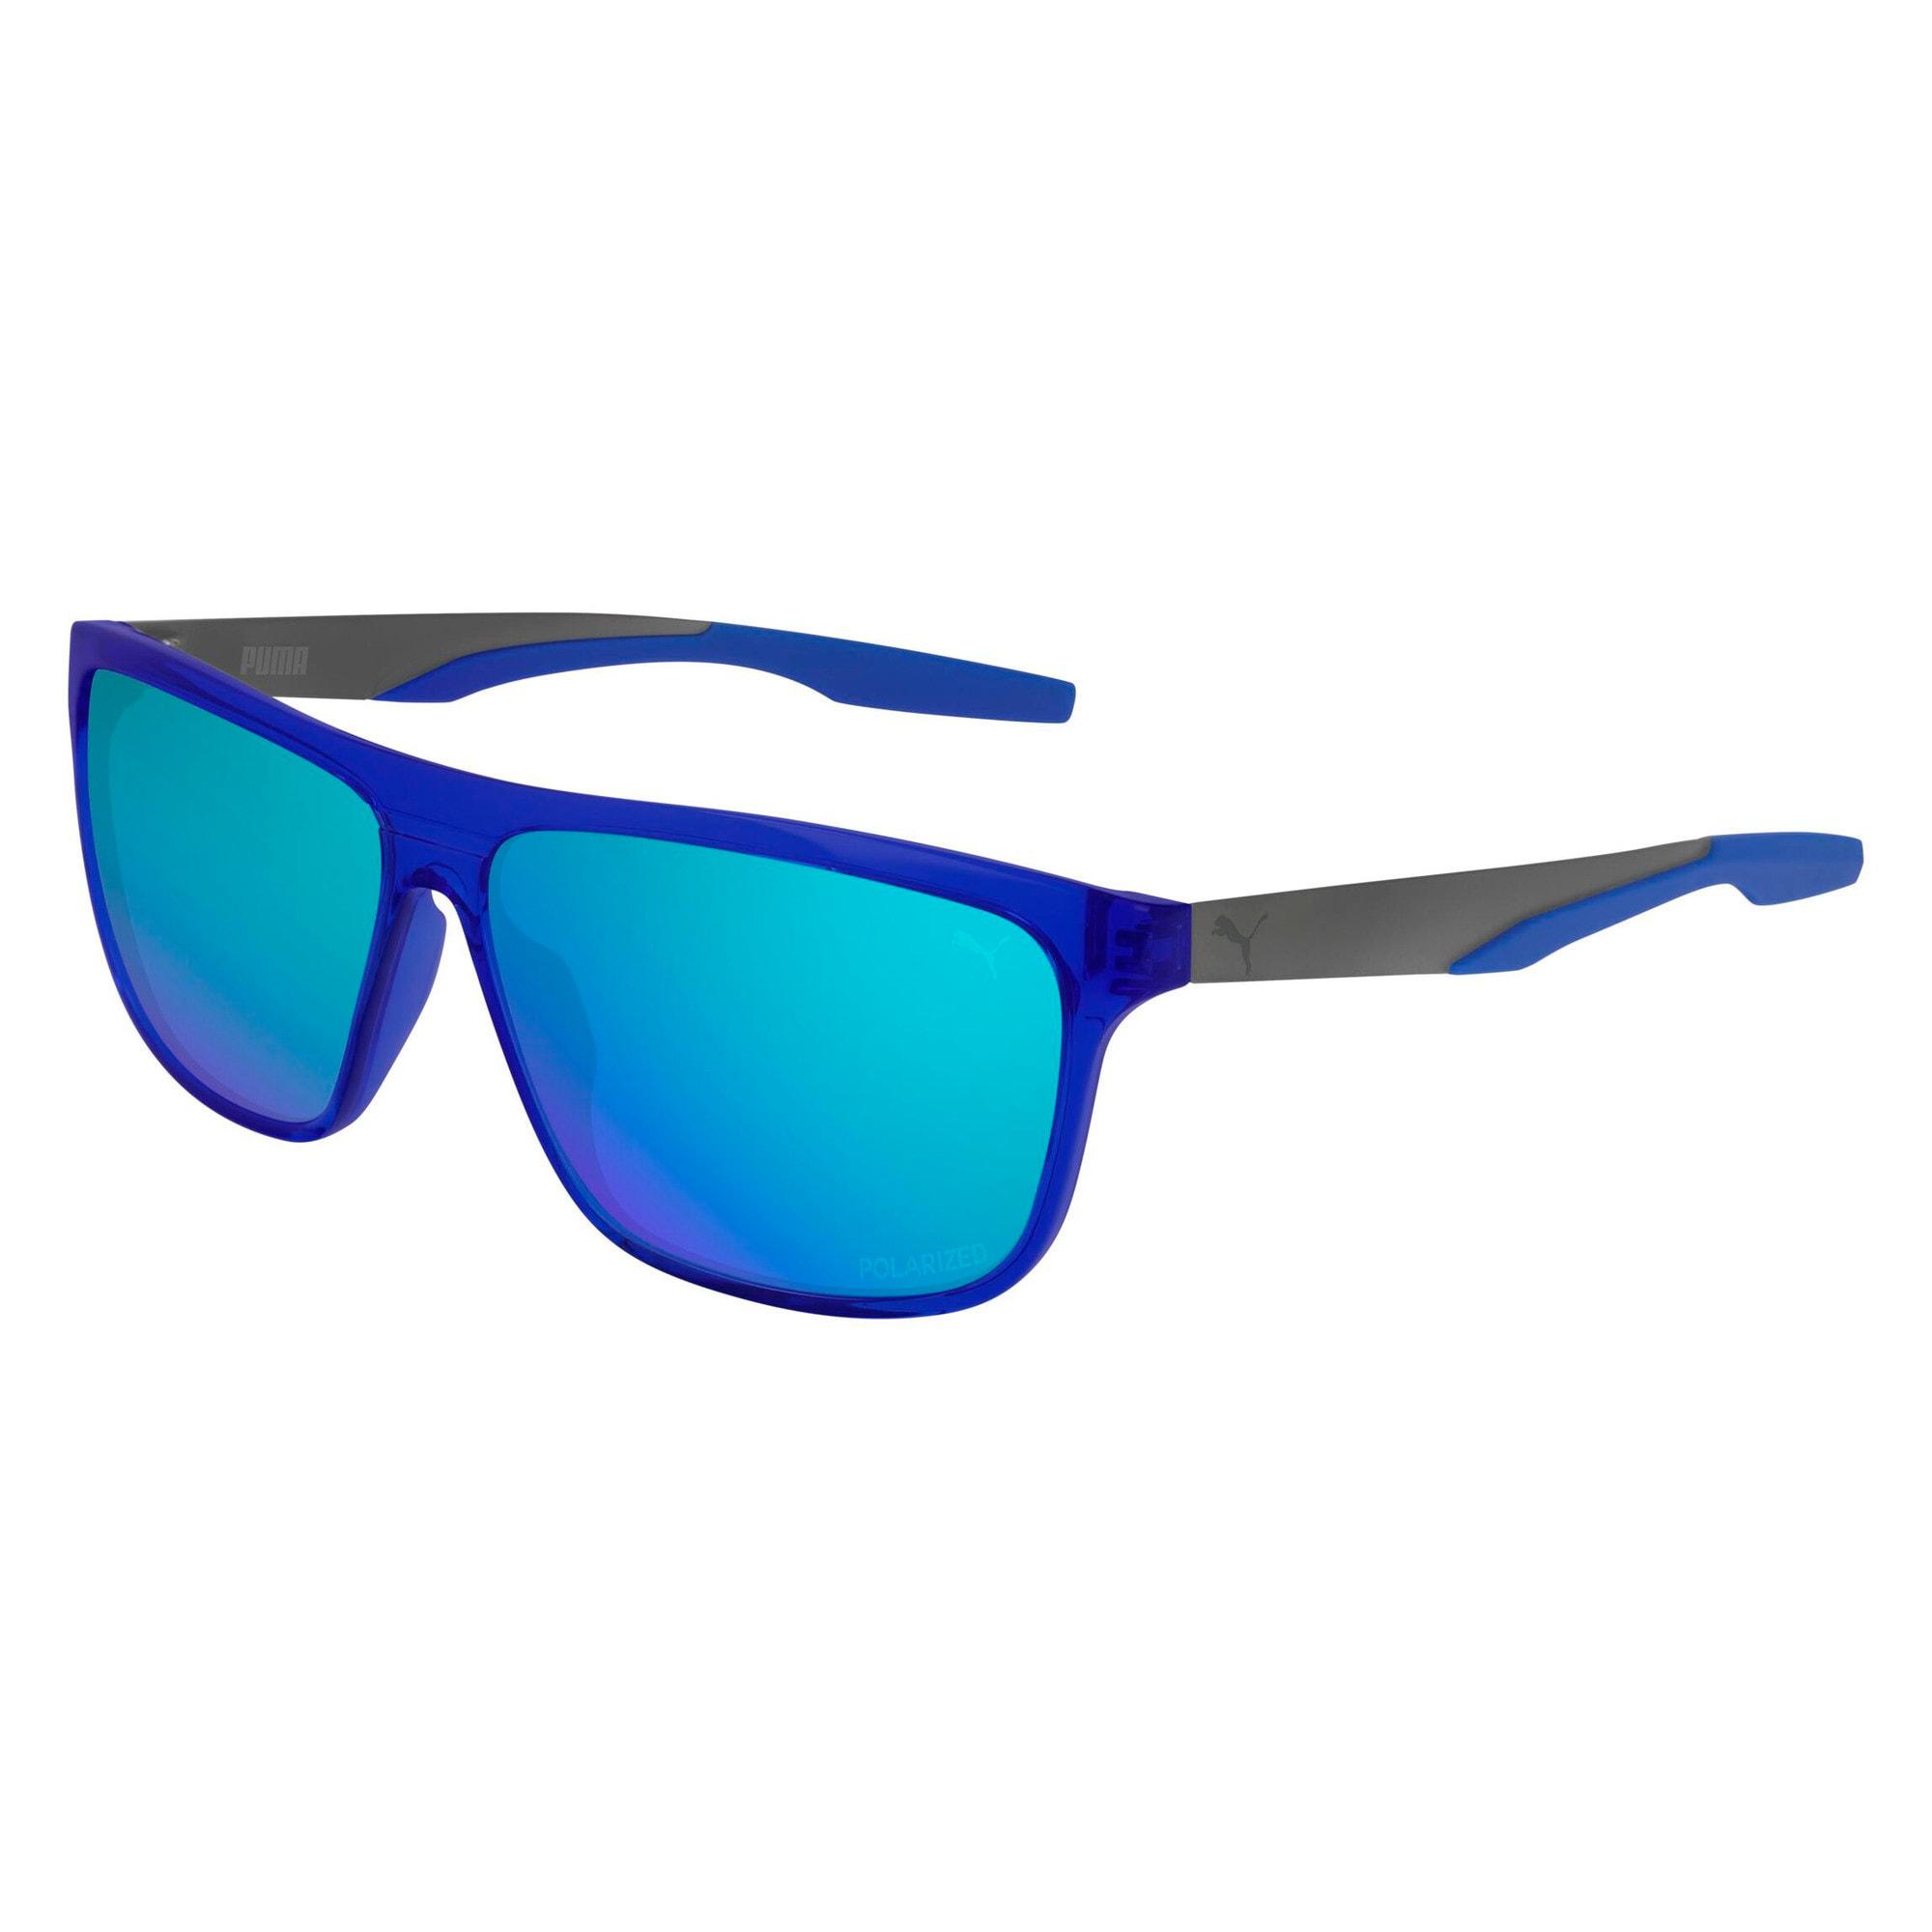 Thumbnail 1 of Laguna Sunglasses, BLUE, medium